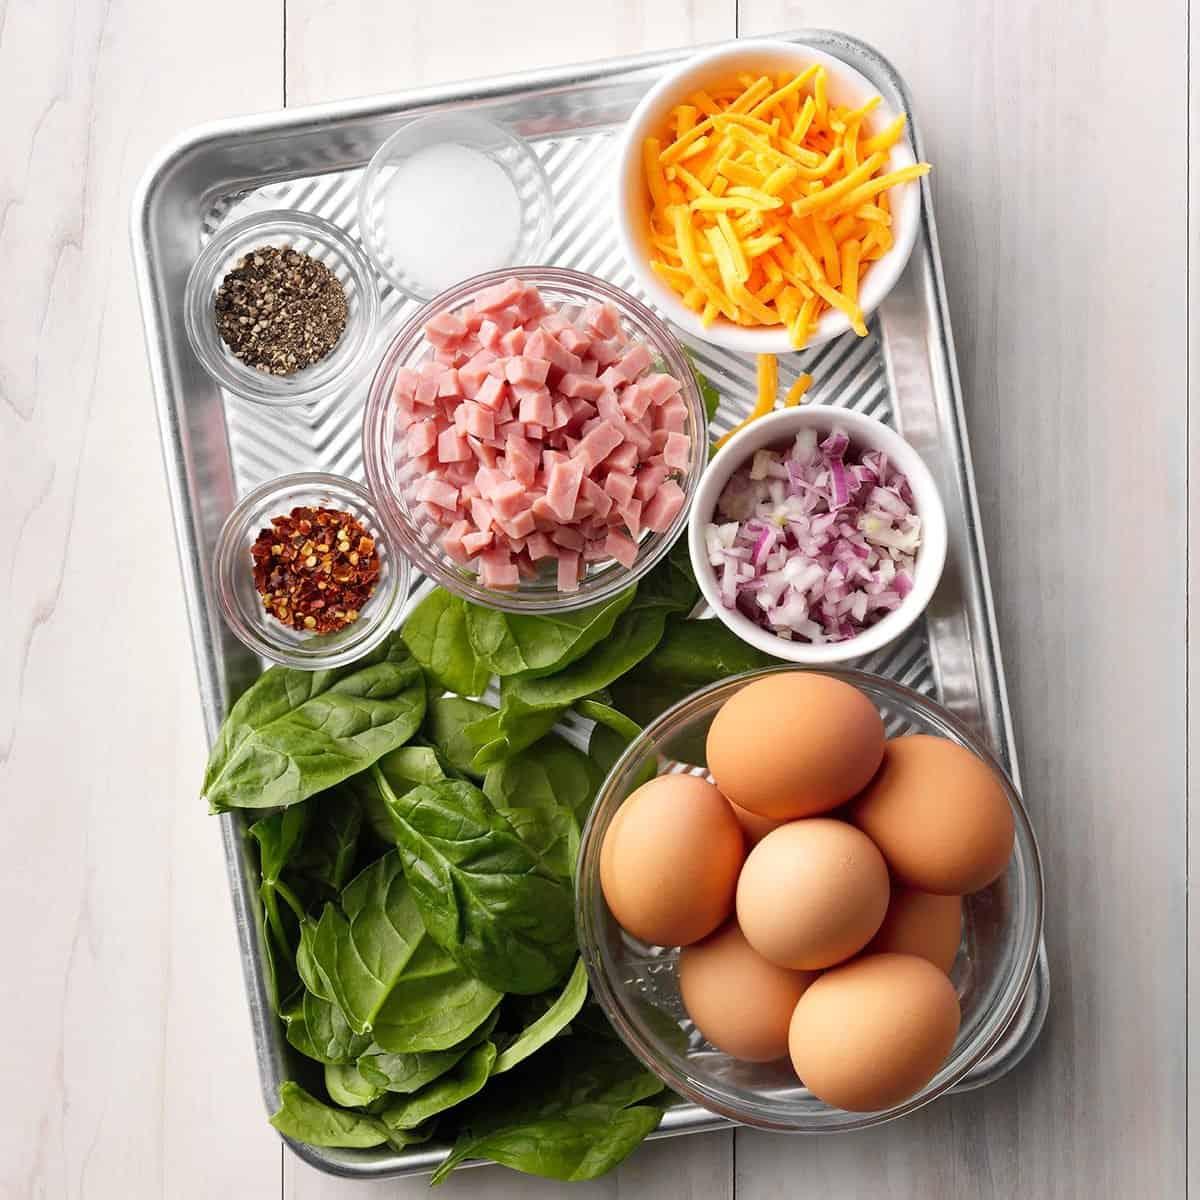 sheet pan holding prepped ingredients